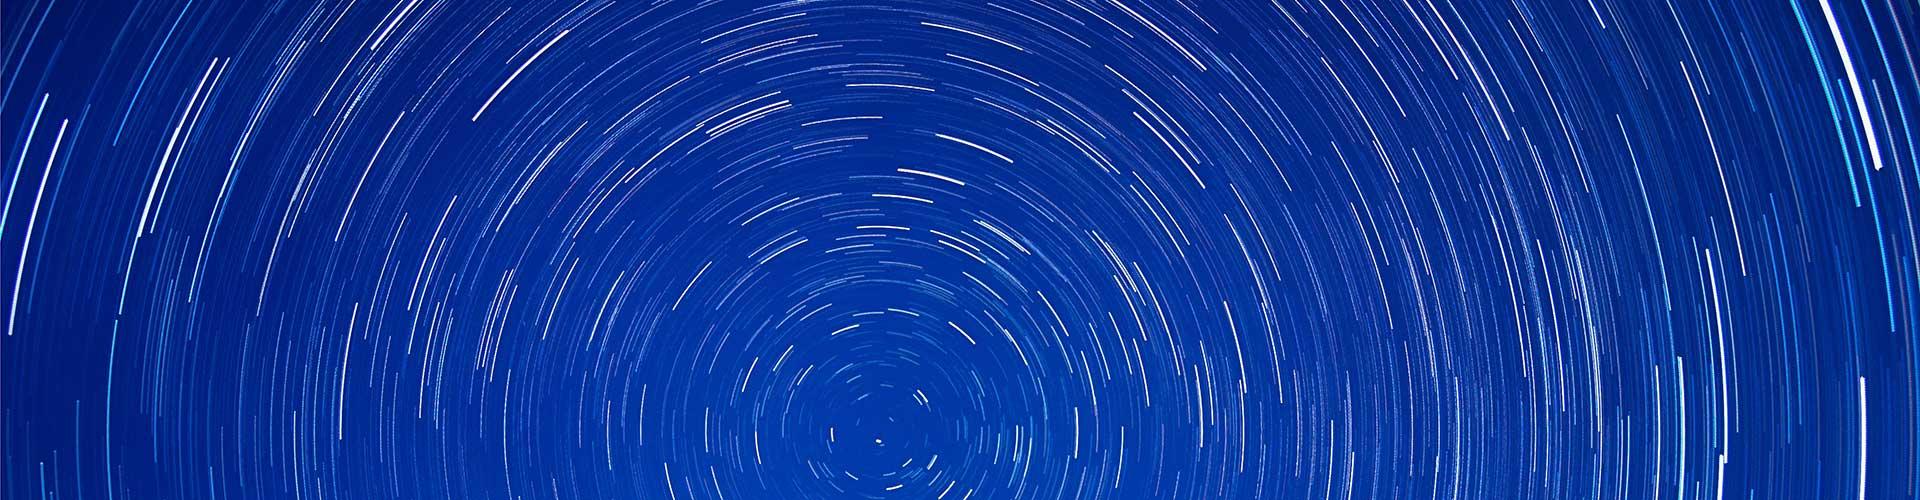 noční nebe kruh